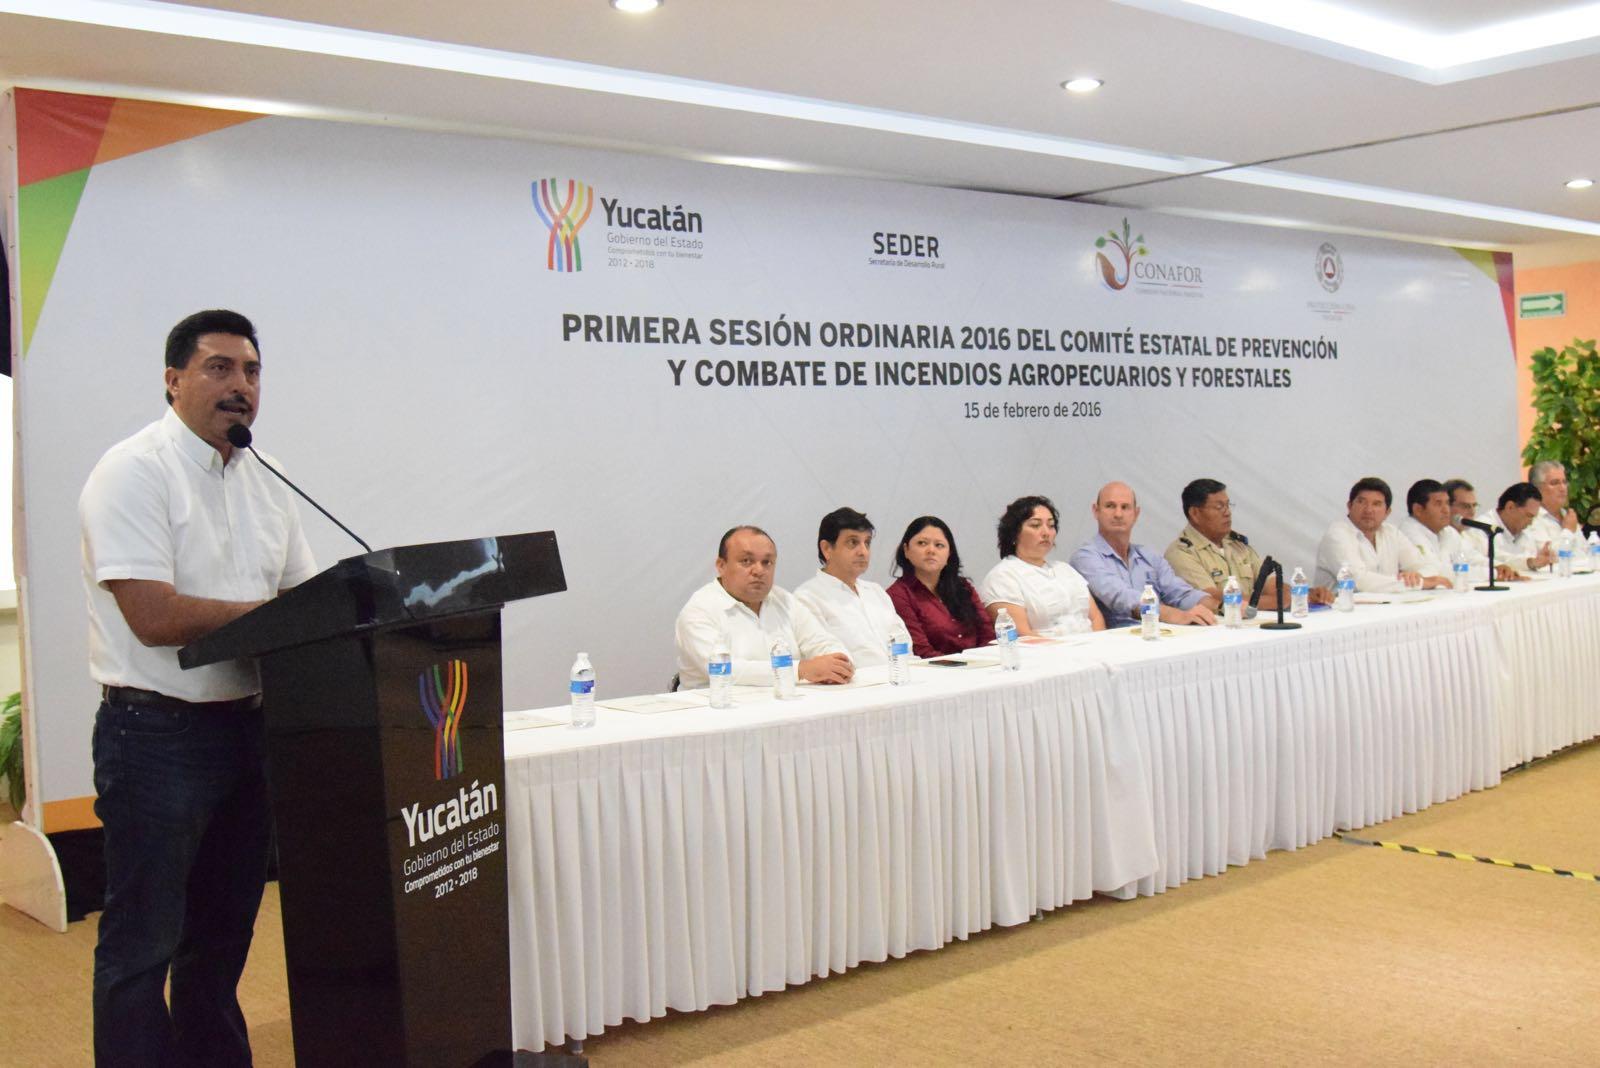 Marca Yucatán inicio de temporada de quemas